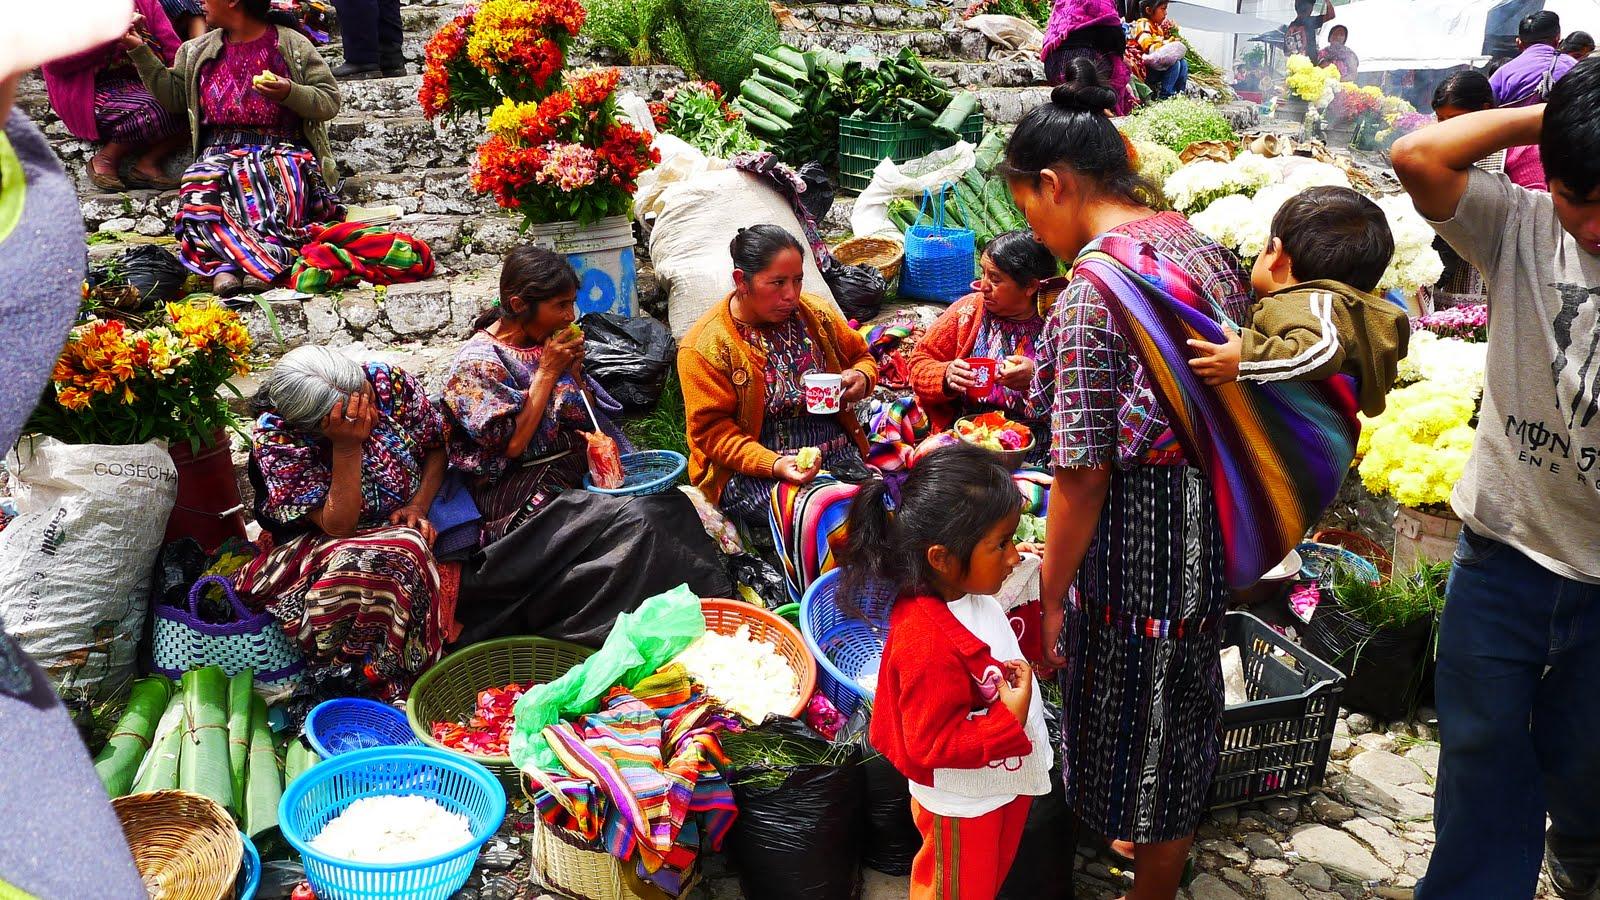 Los 5 mercados callejeros ms interesantes del mundo